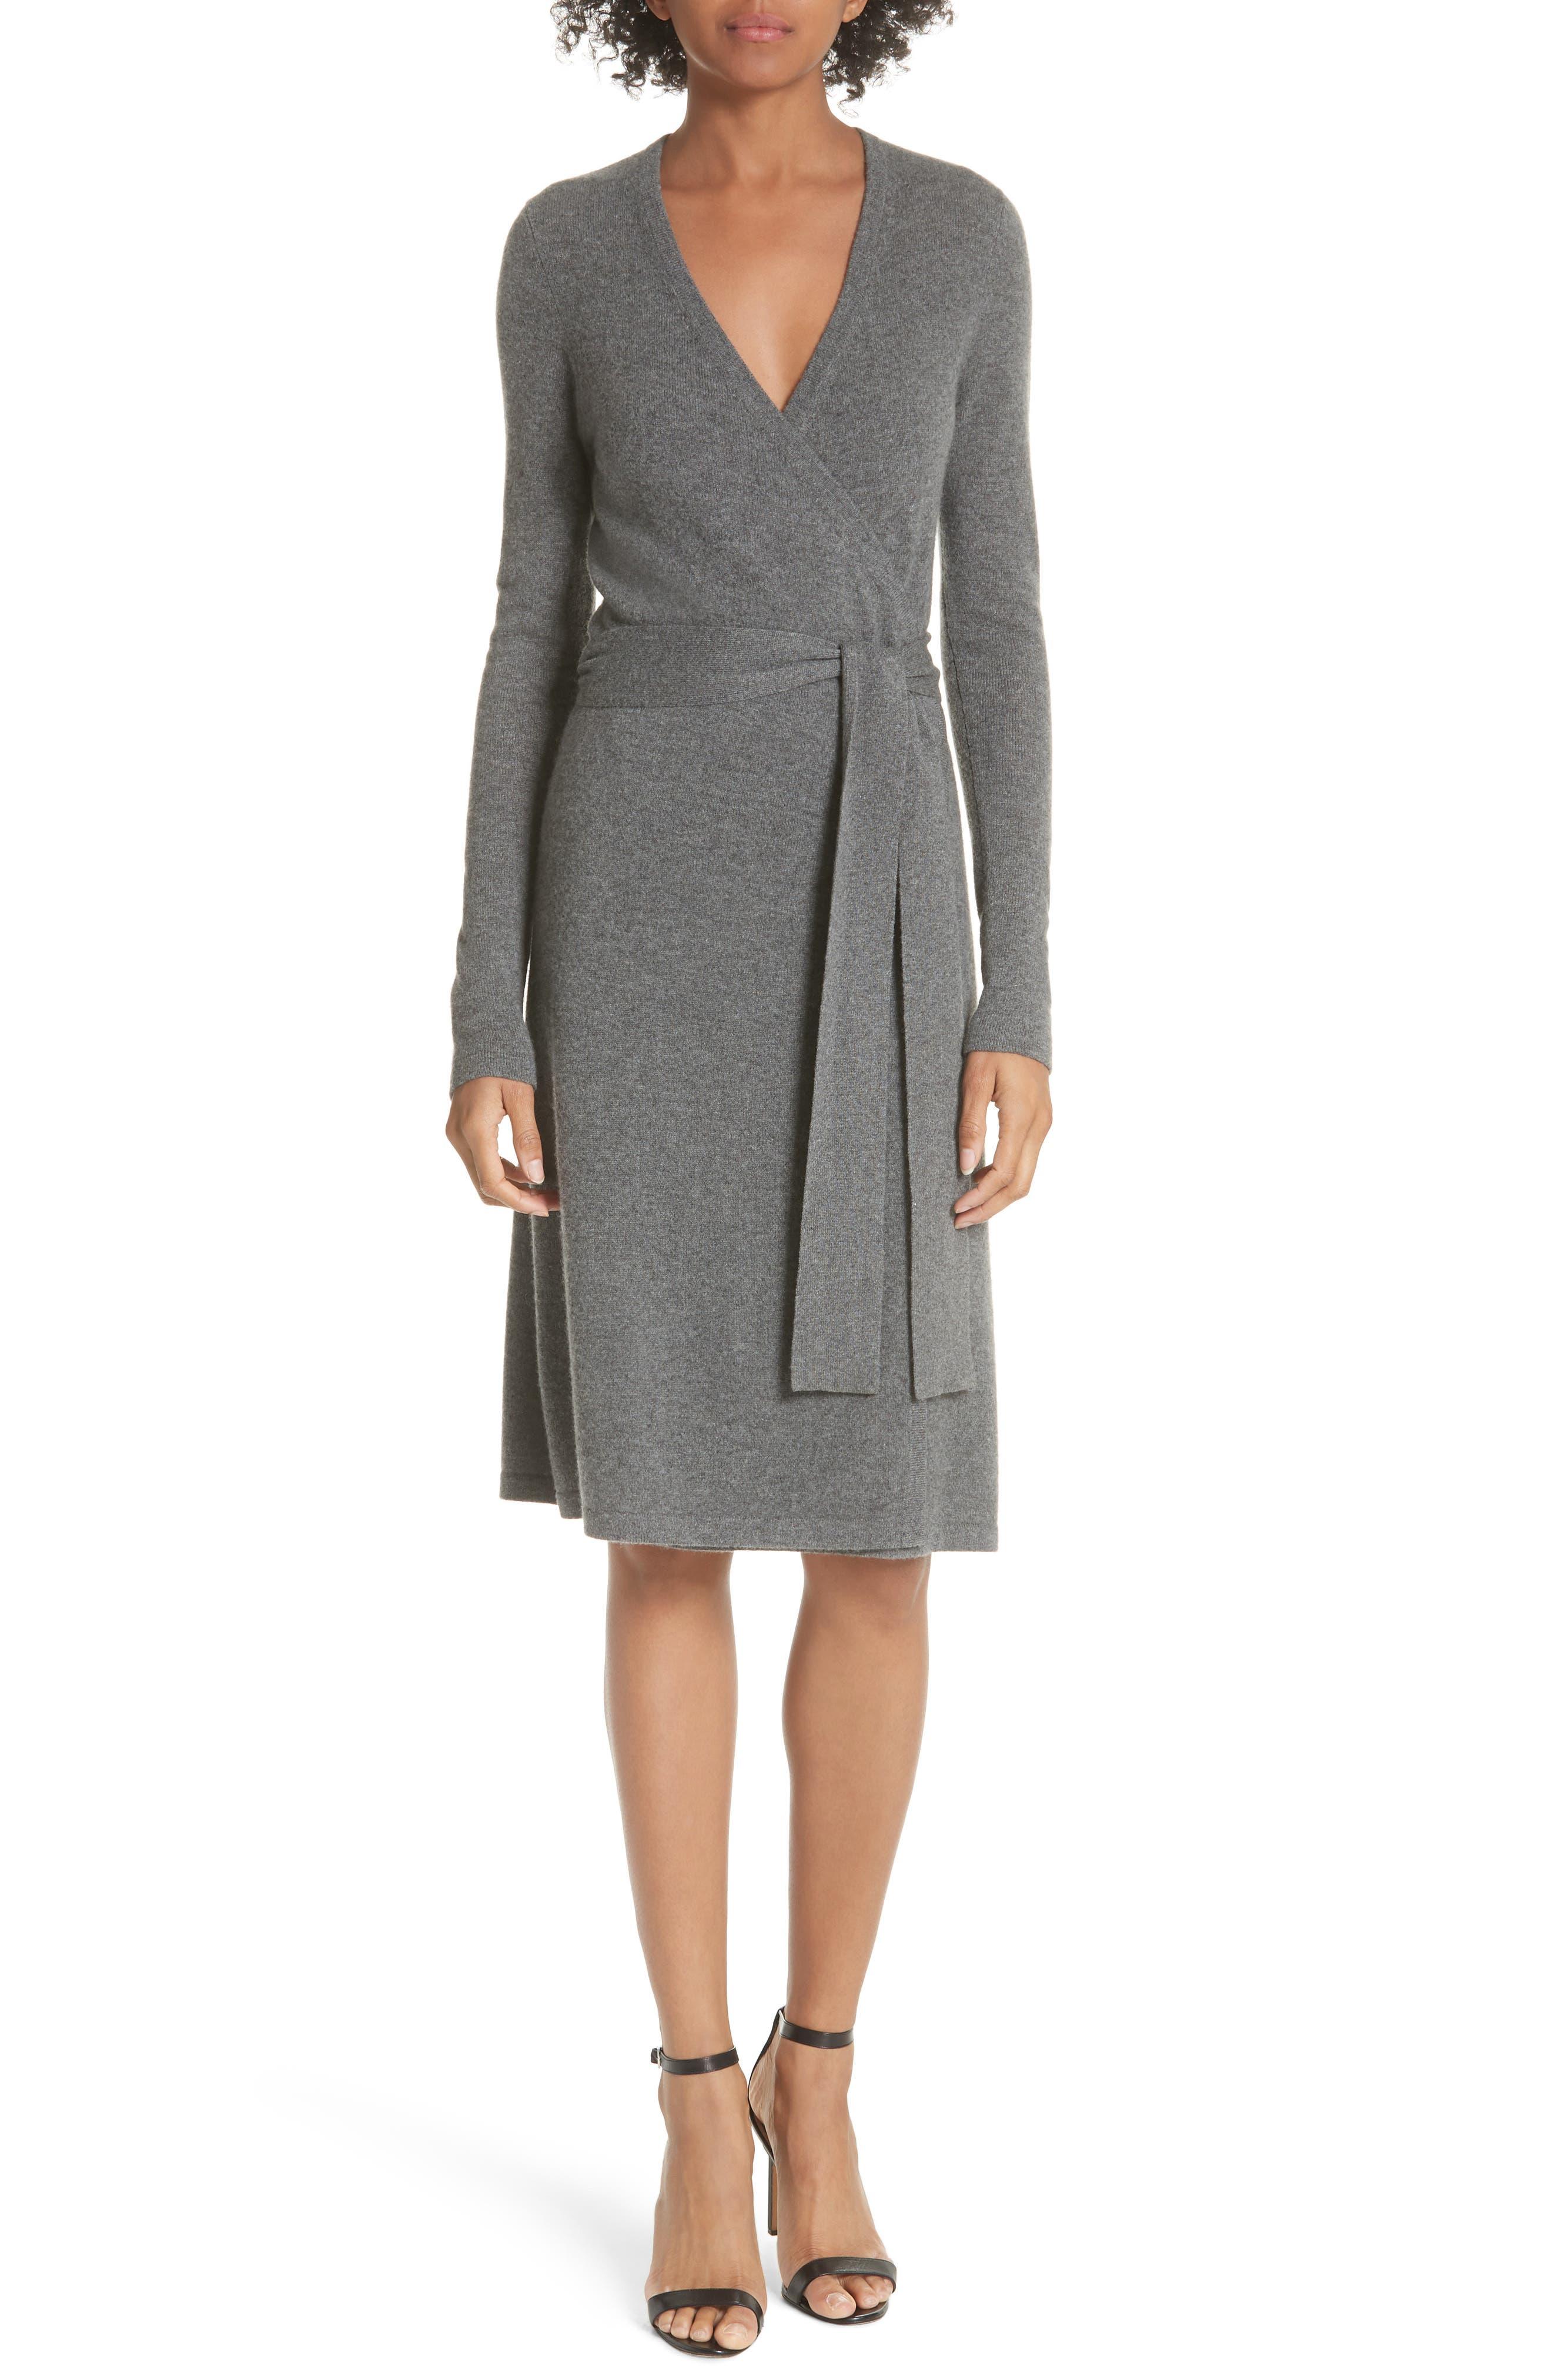 Diane Von Furstenberg Linda Cashmere Wrap Dress,                             Main thumbnail 1, color,                             001